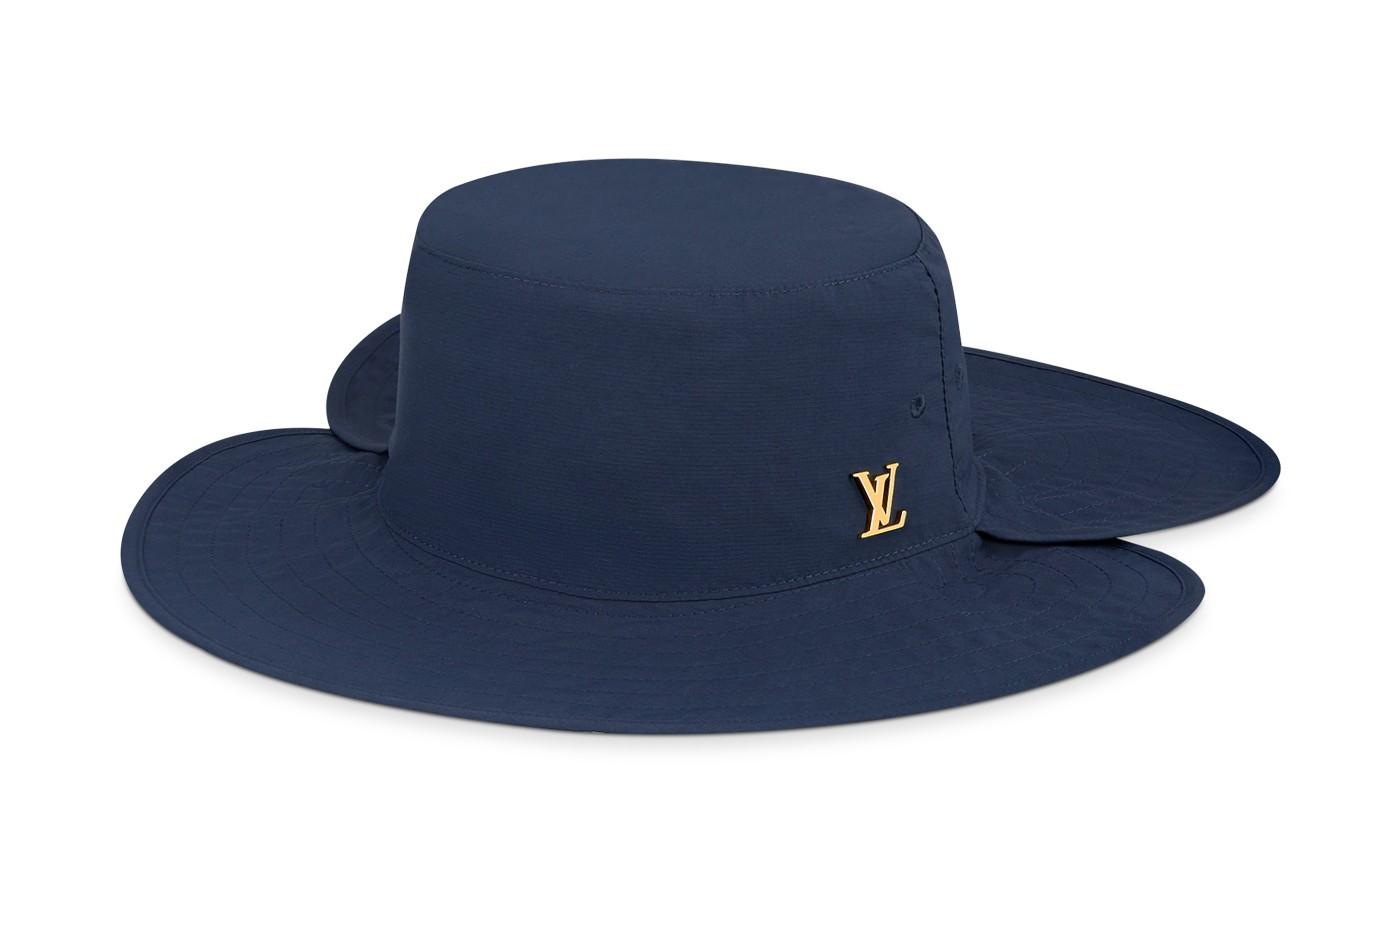 路易威登(Louis Vuitton)推出遮阳帽LV Hiker Hat